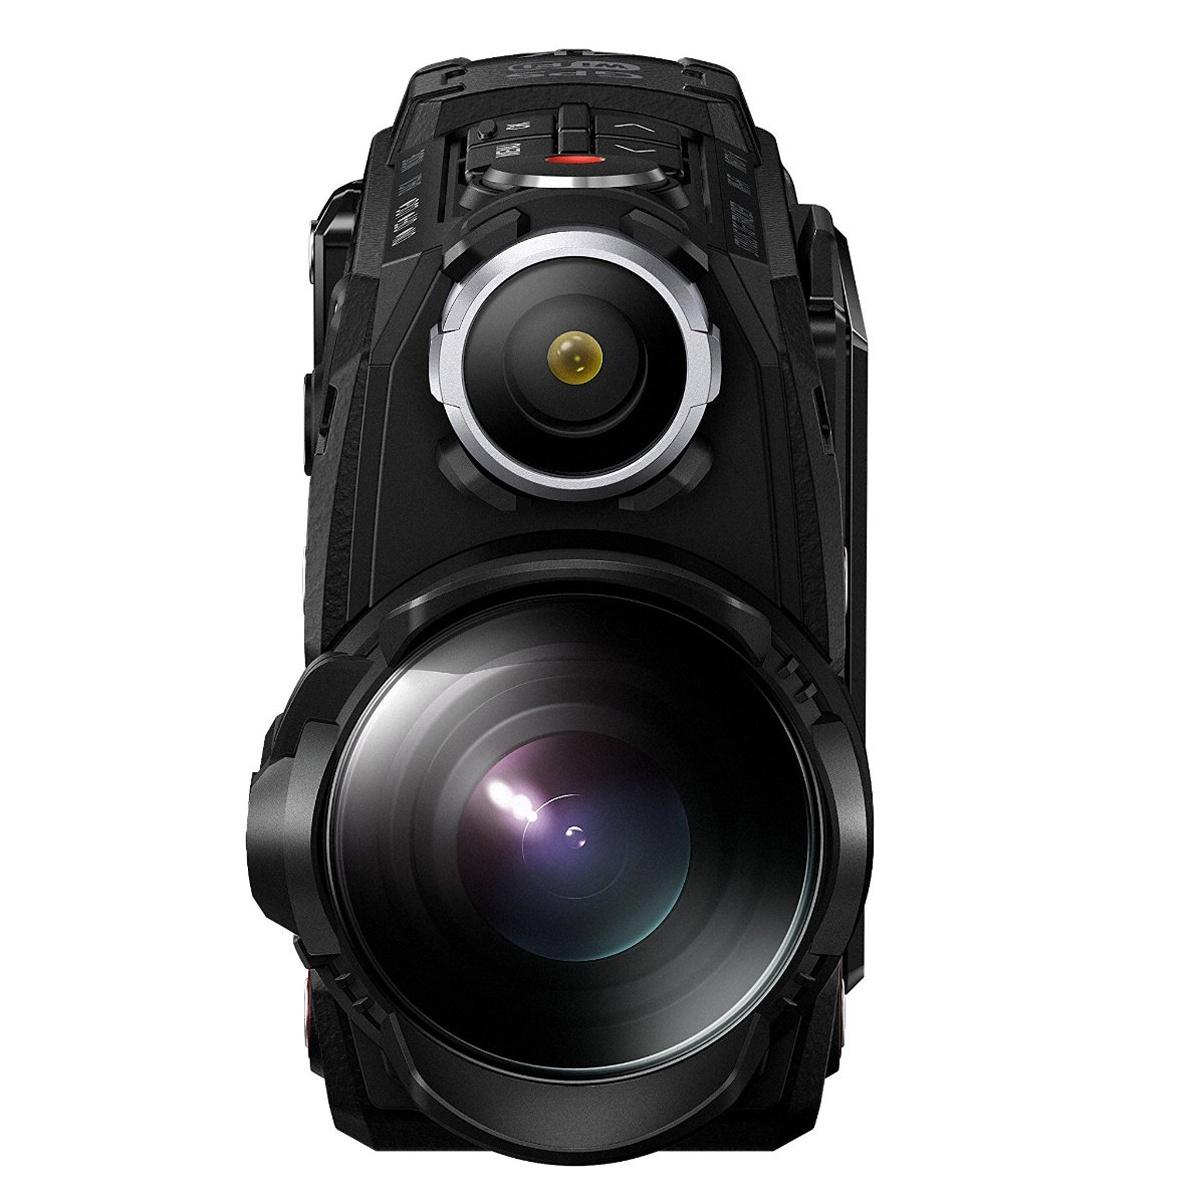 [foto-leistenschneider.de] Olympus TG-Tracker Actionkamera (stoßfest, wasserdicht bis 30m, belastbar bis 100kg , frostsicher bis -10 C°, staubgeschützt) mit GPS, Barometer, Temperatursensor, Kompass und Accelerometer - schwarz